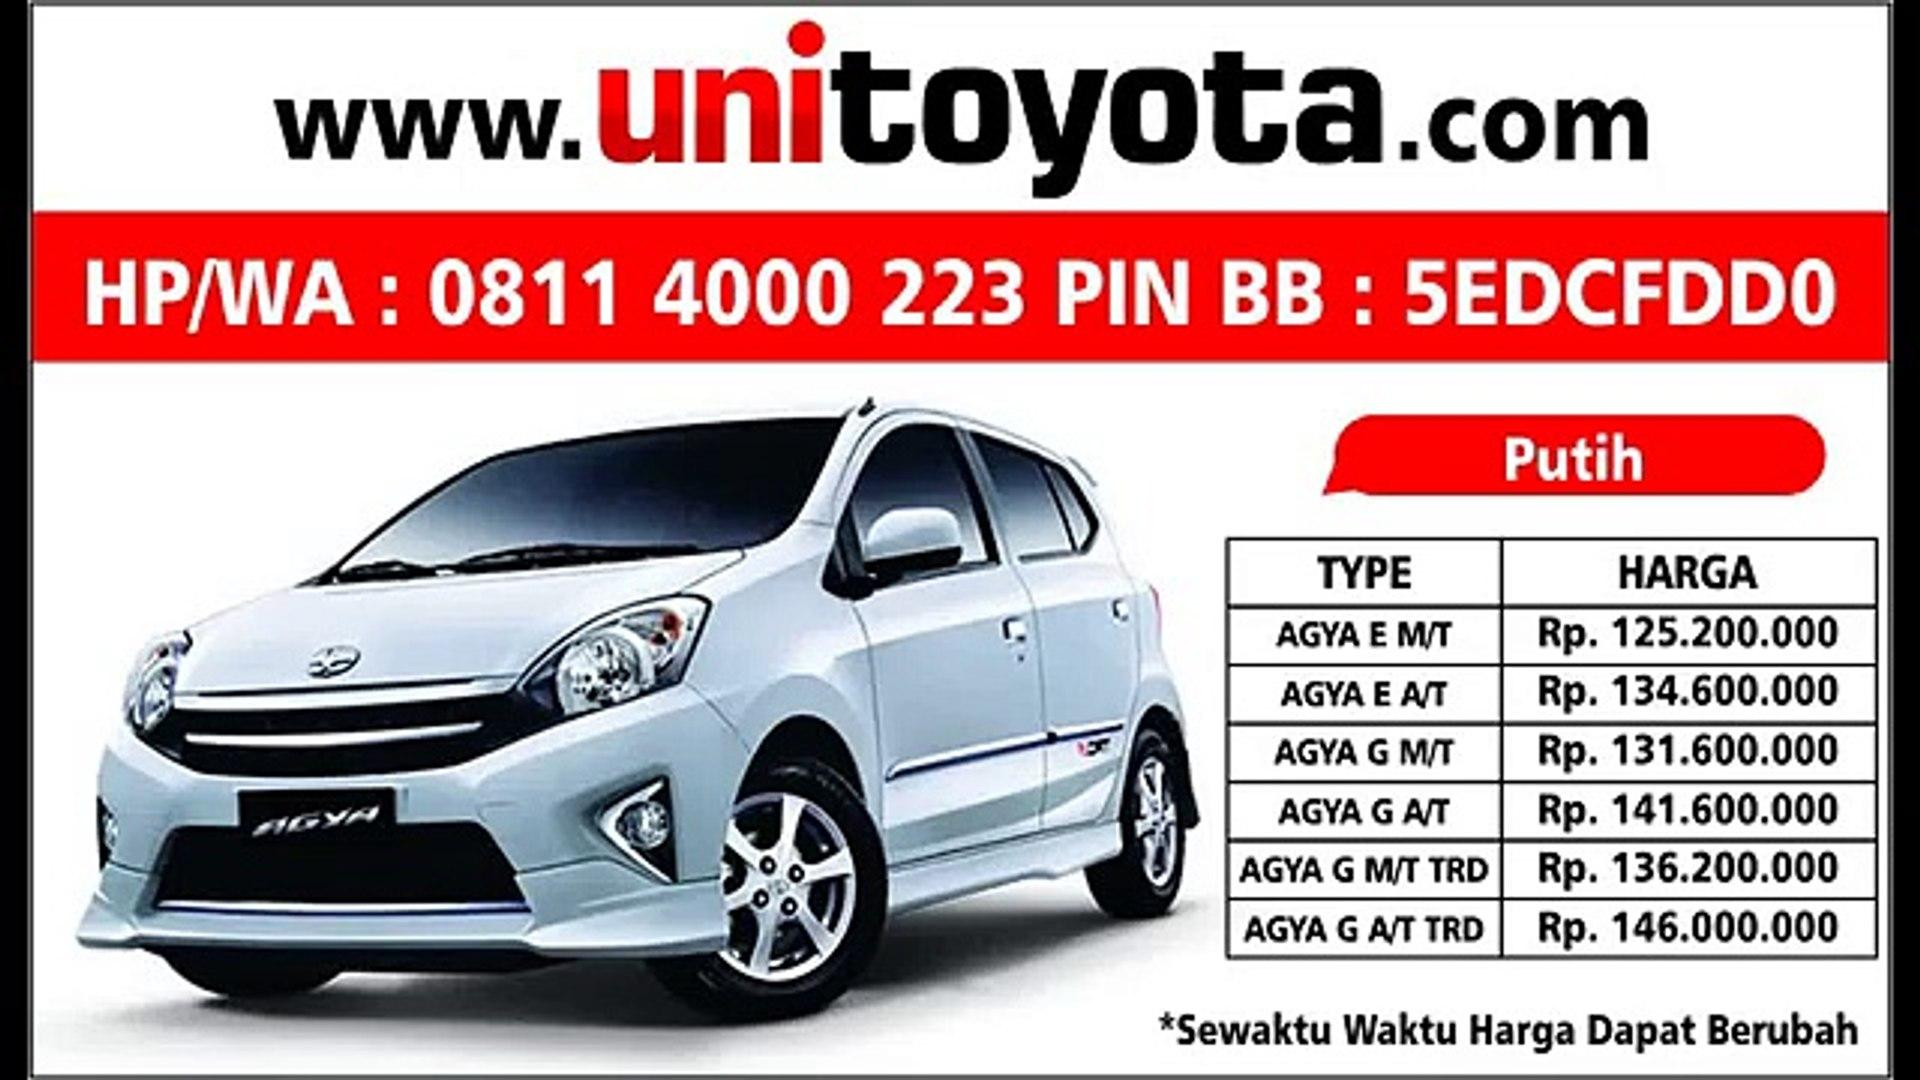 Kekurangan Daftar Harga Toyota Review